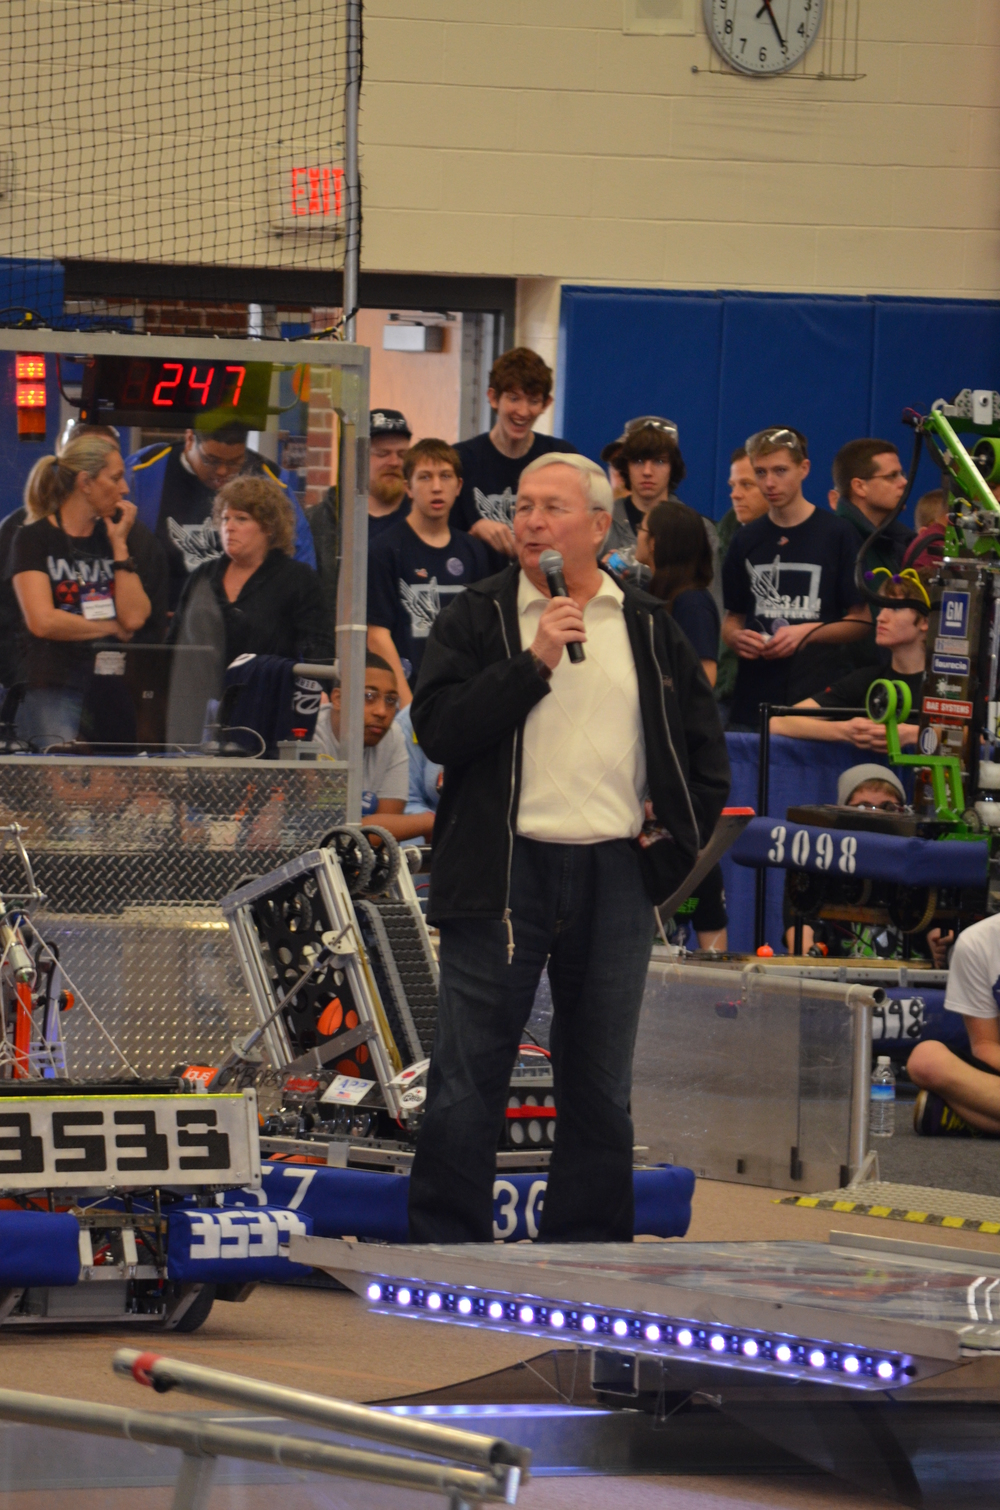 Team 3667 Waterford Comp 2012-011.JPG